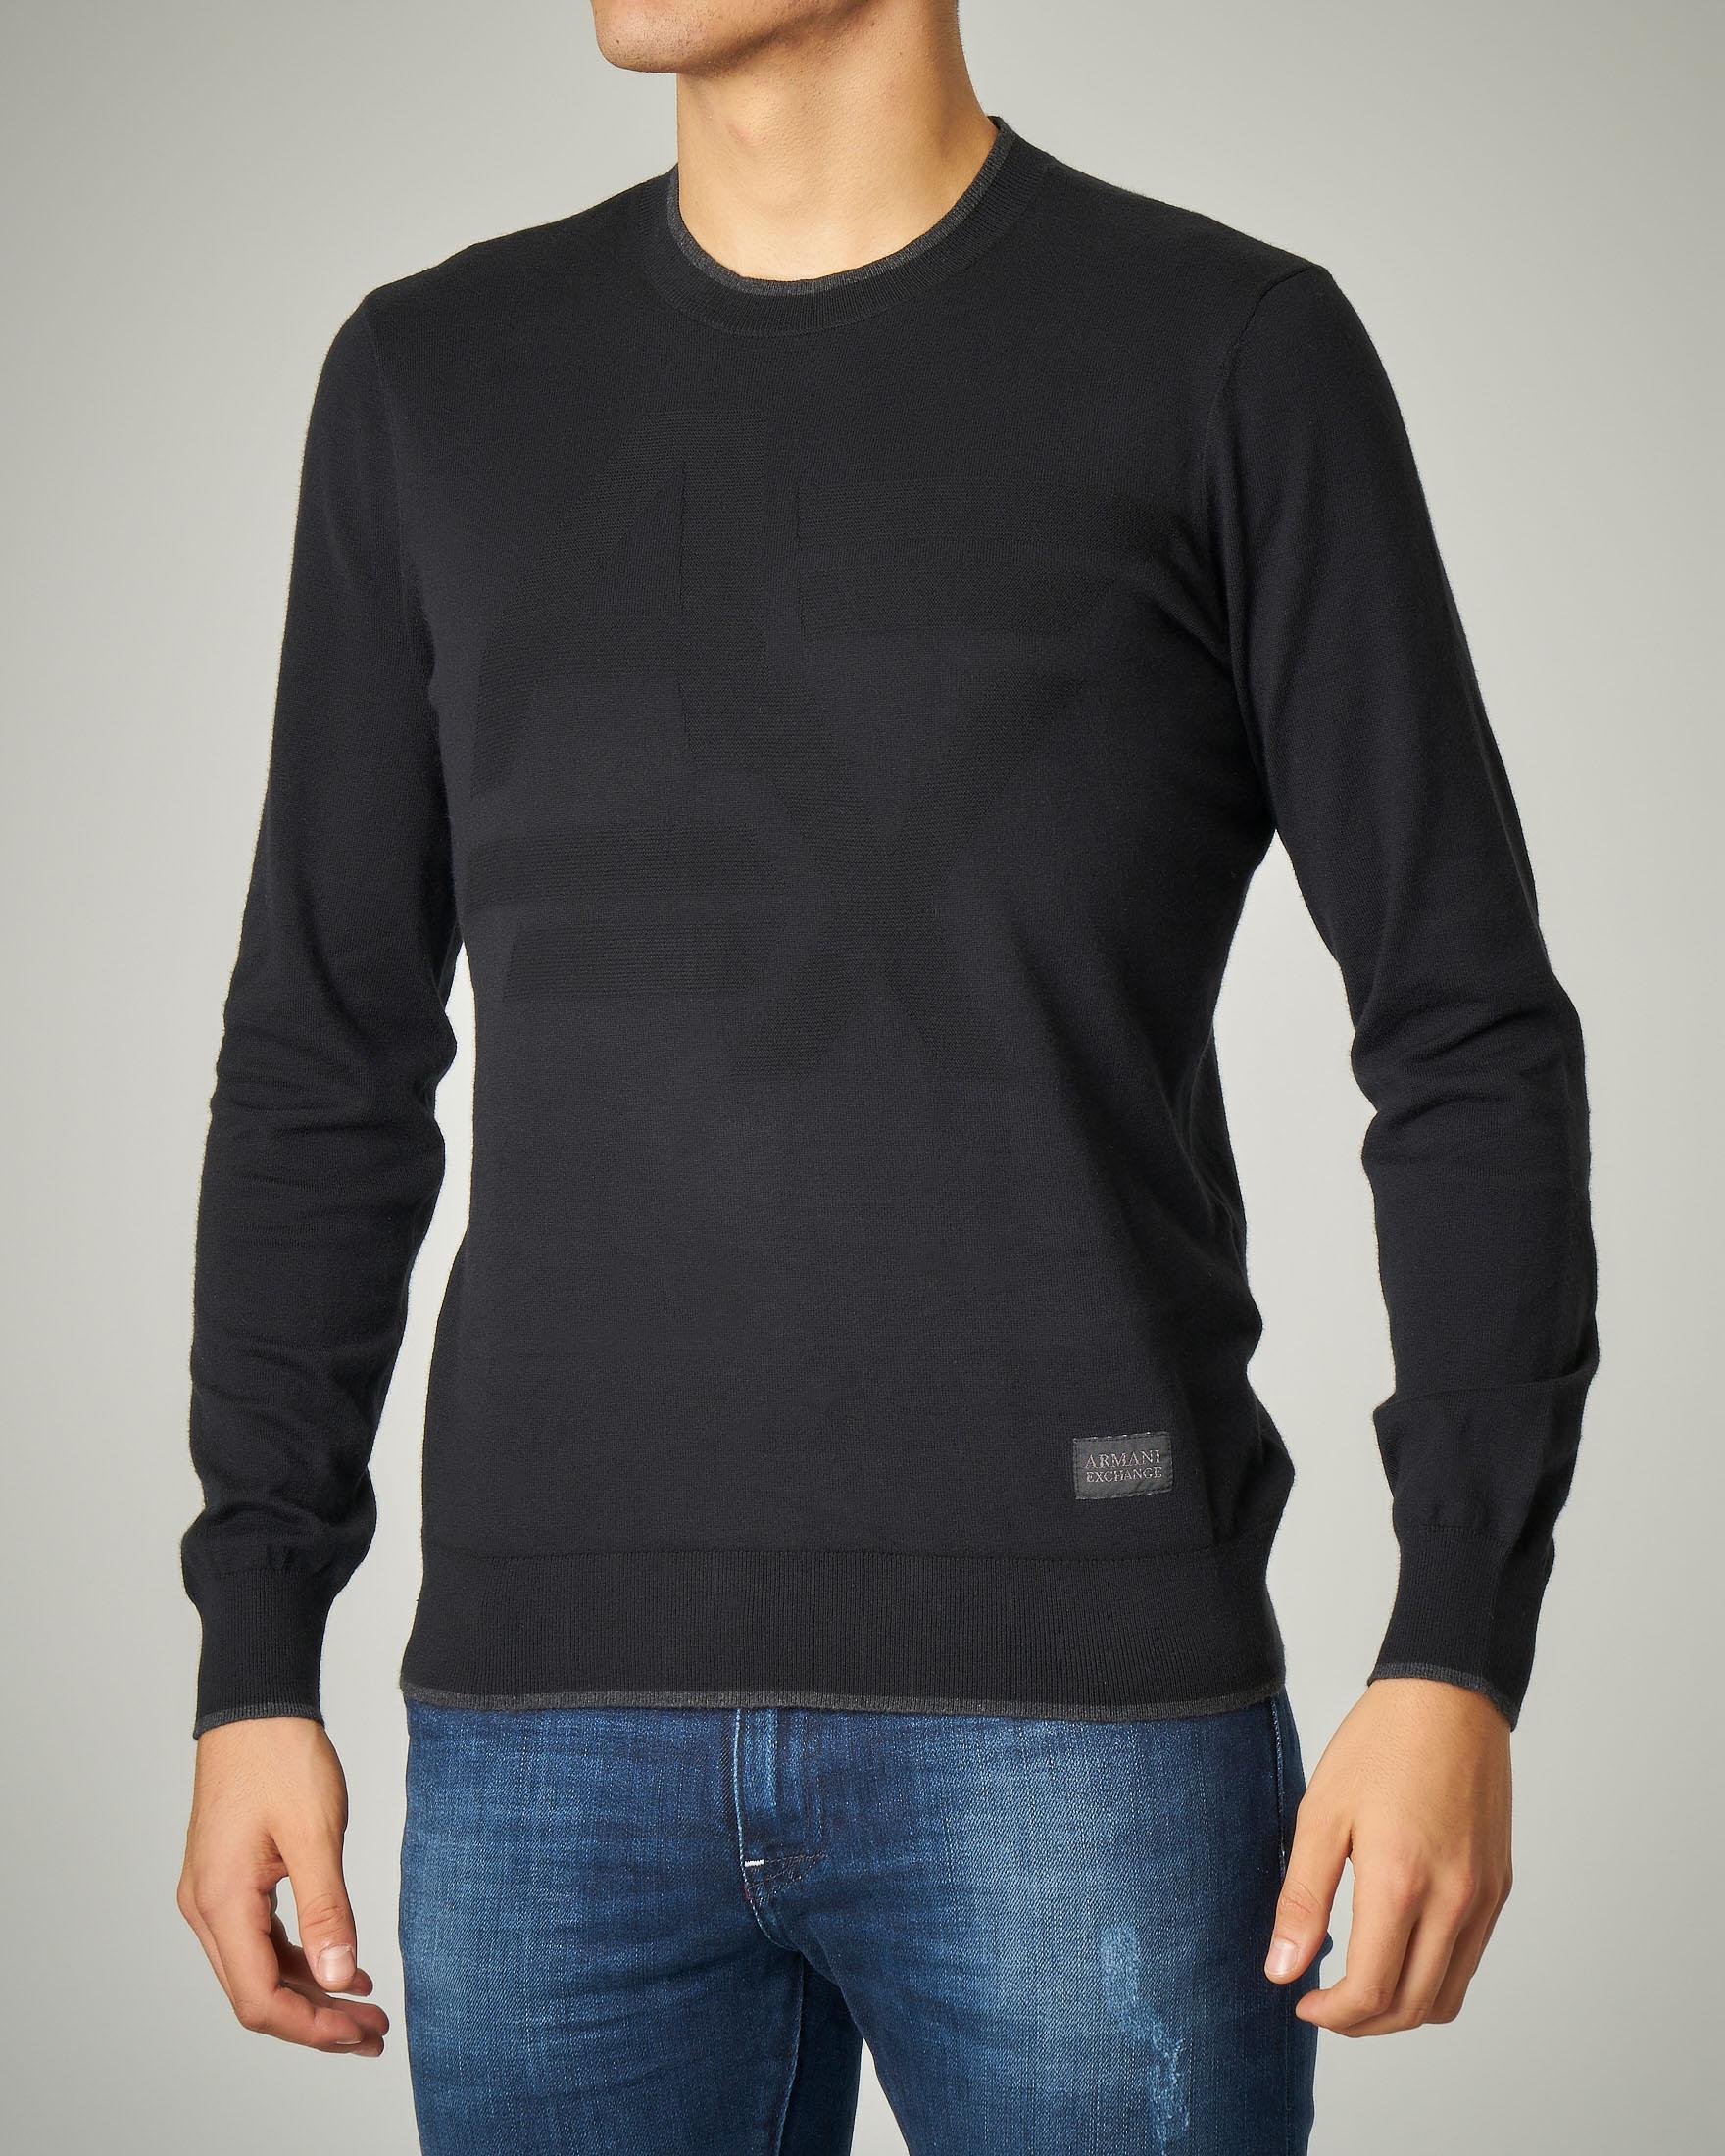 Maglia nera girocollo in cotone e cachemire con logo